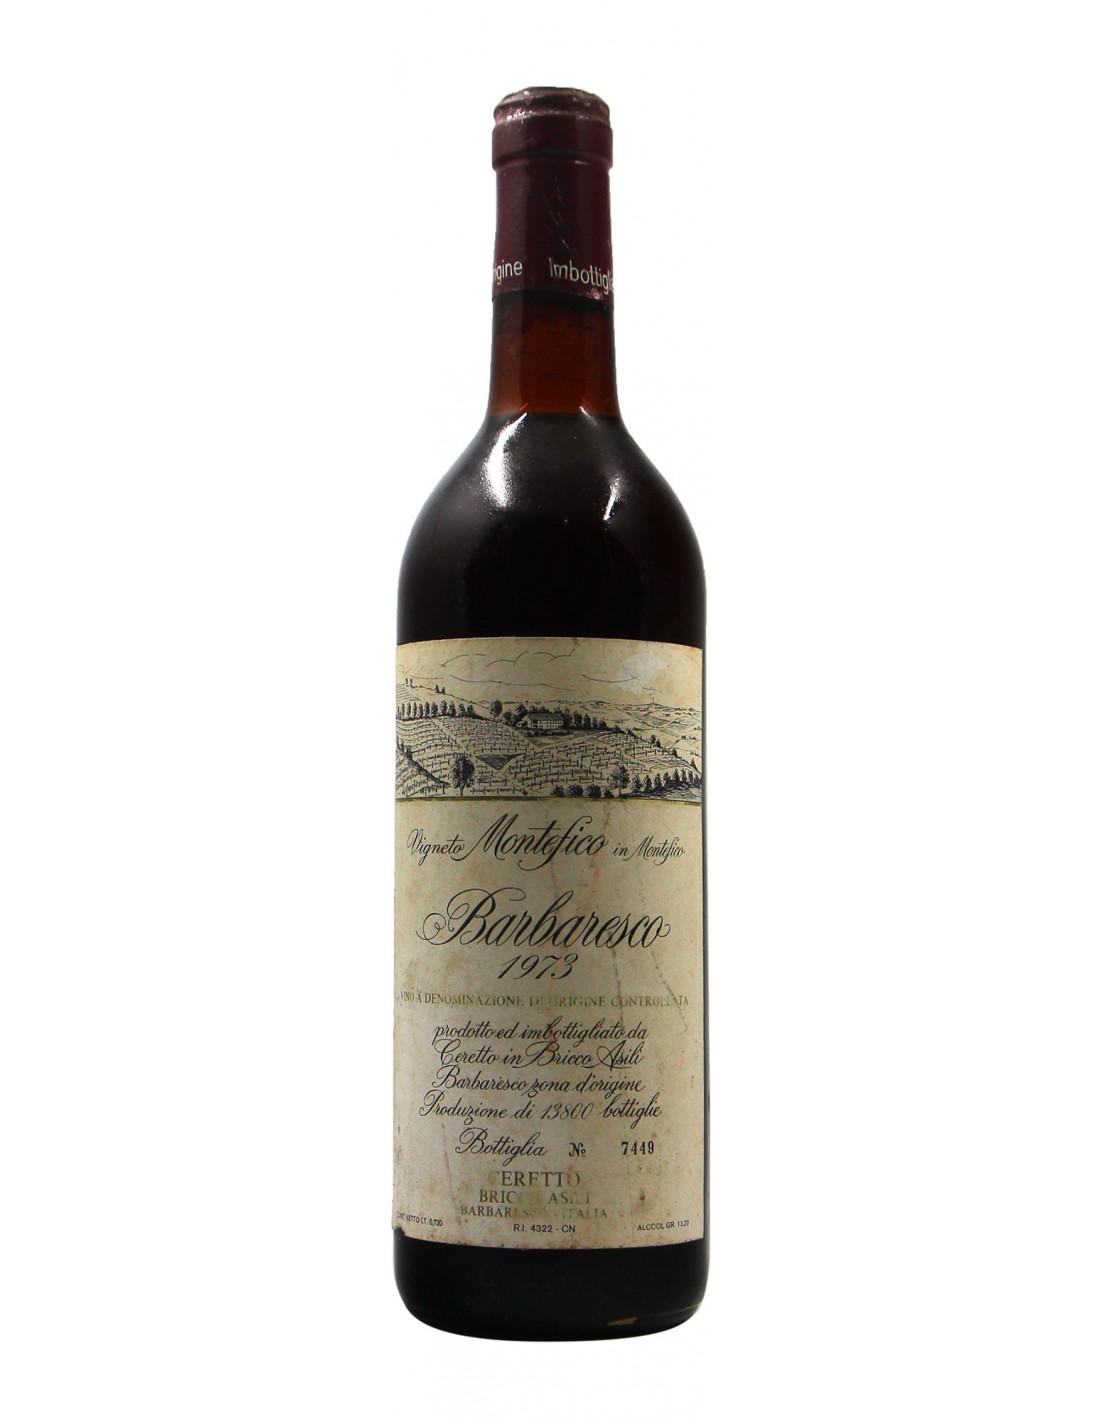 BARBARESCO MONTEFICO 1973 CERETTO Grandi Bottiglie